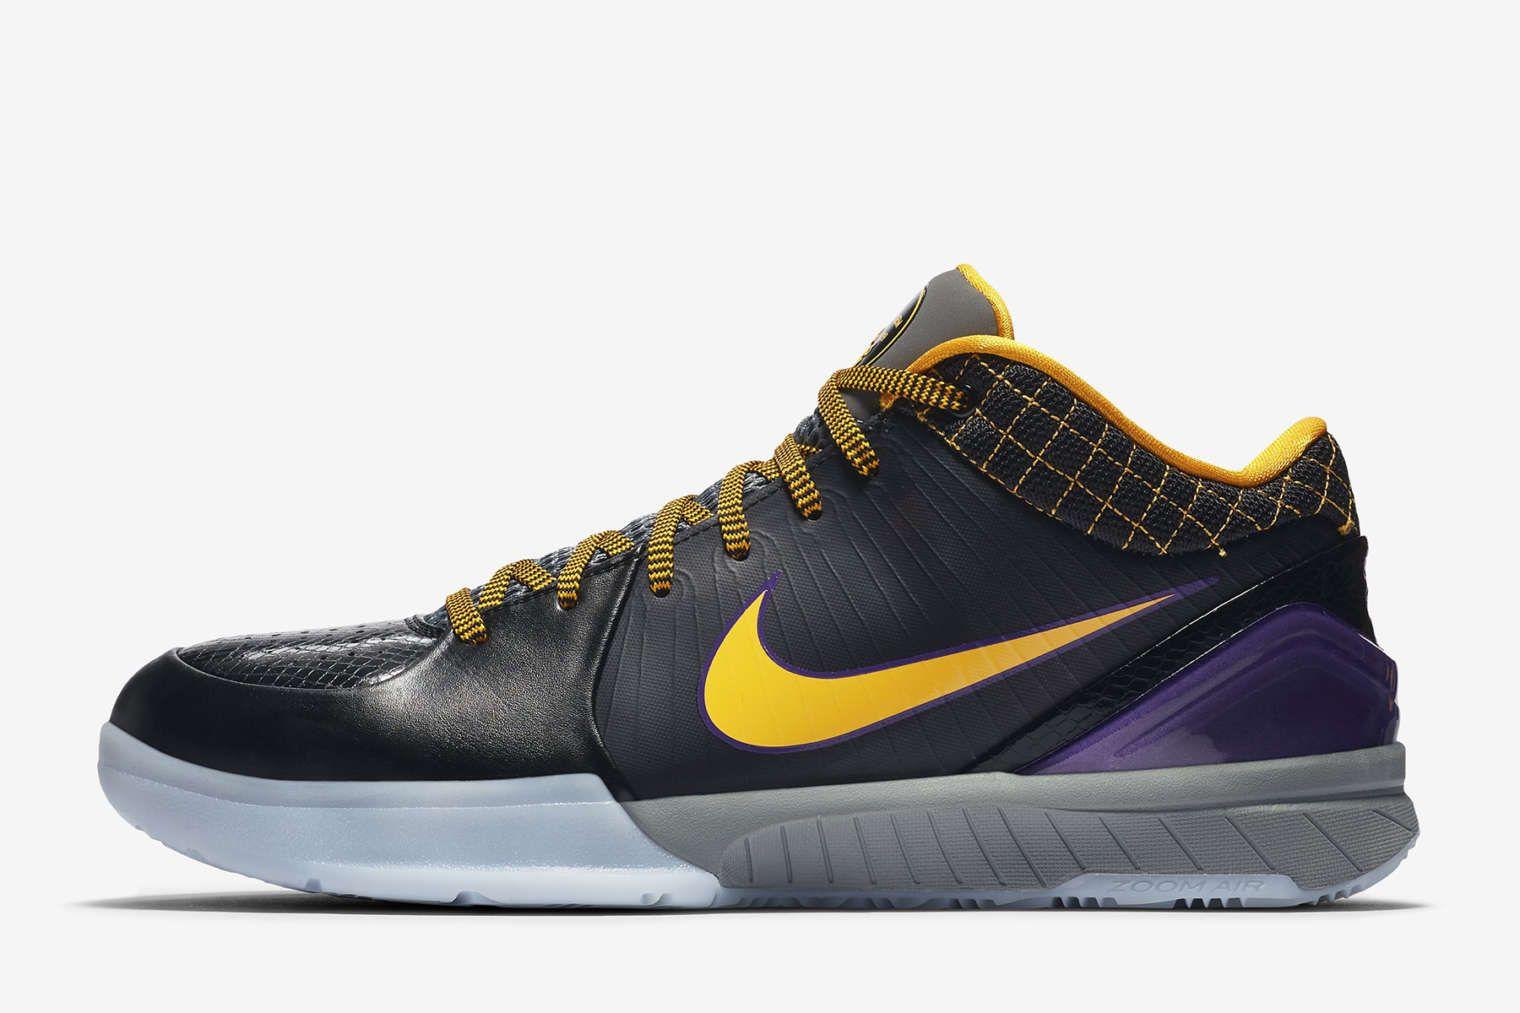 """Nike Kobe 4 Protro """"Carpe Diem"""" Best basketball shoes"""